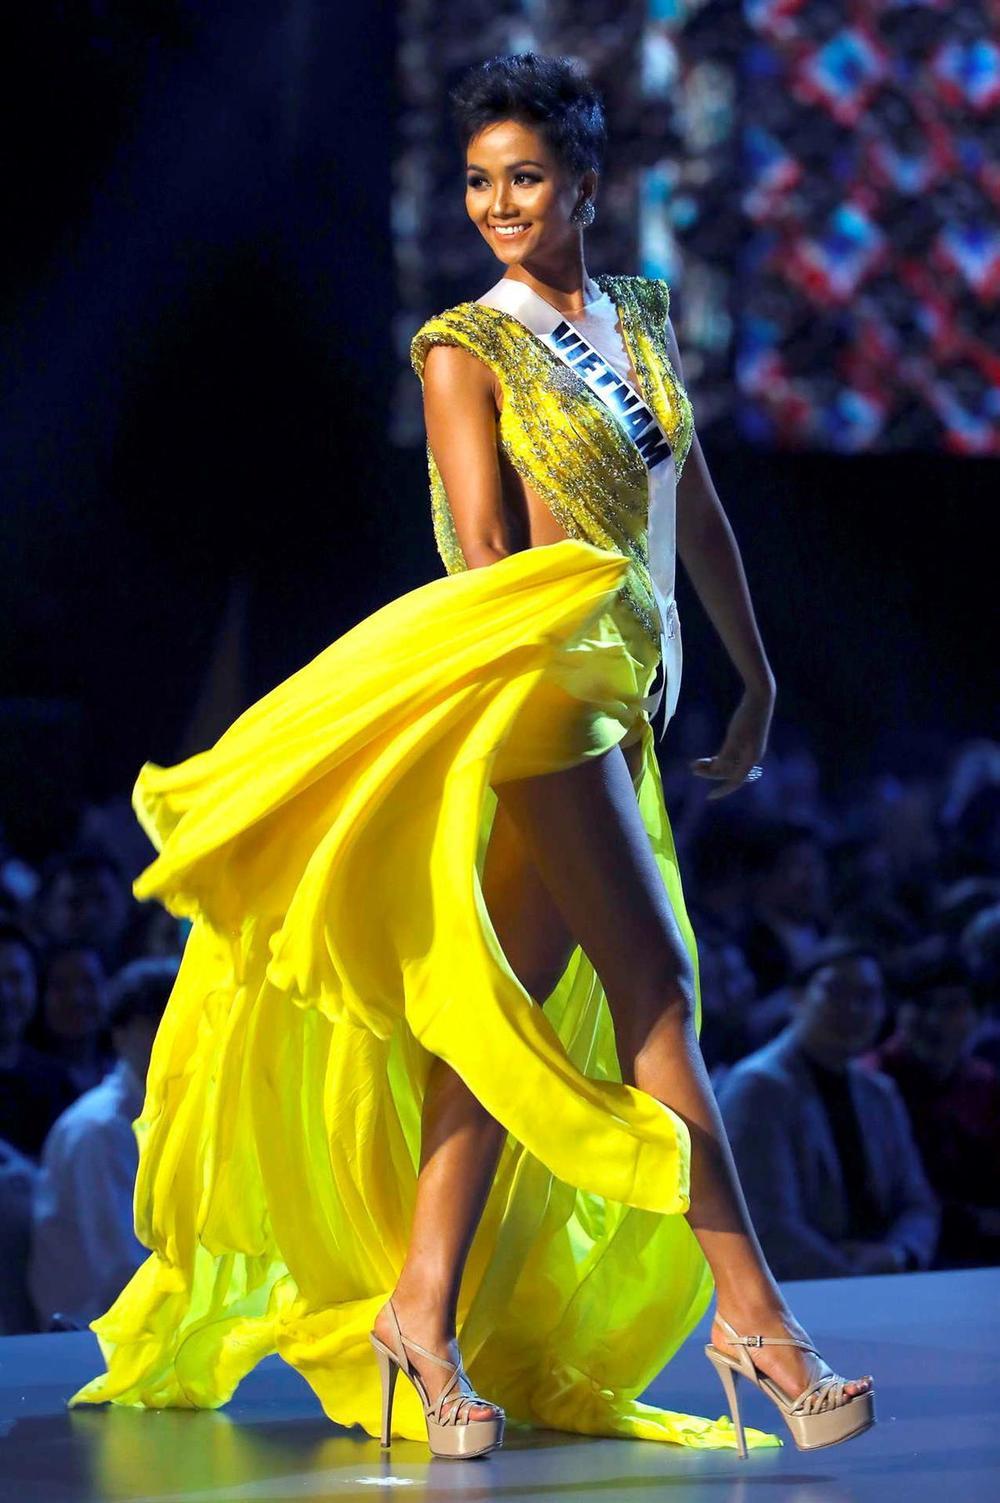 Người mẫu 9X thi hoa hậu thập kỉ 2010 - 2020: Tự hào H'Hen Niê - Hoàng Thùy in-top, kỳ vọng ở Khánh Vân Ảnh 2